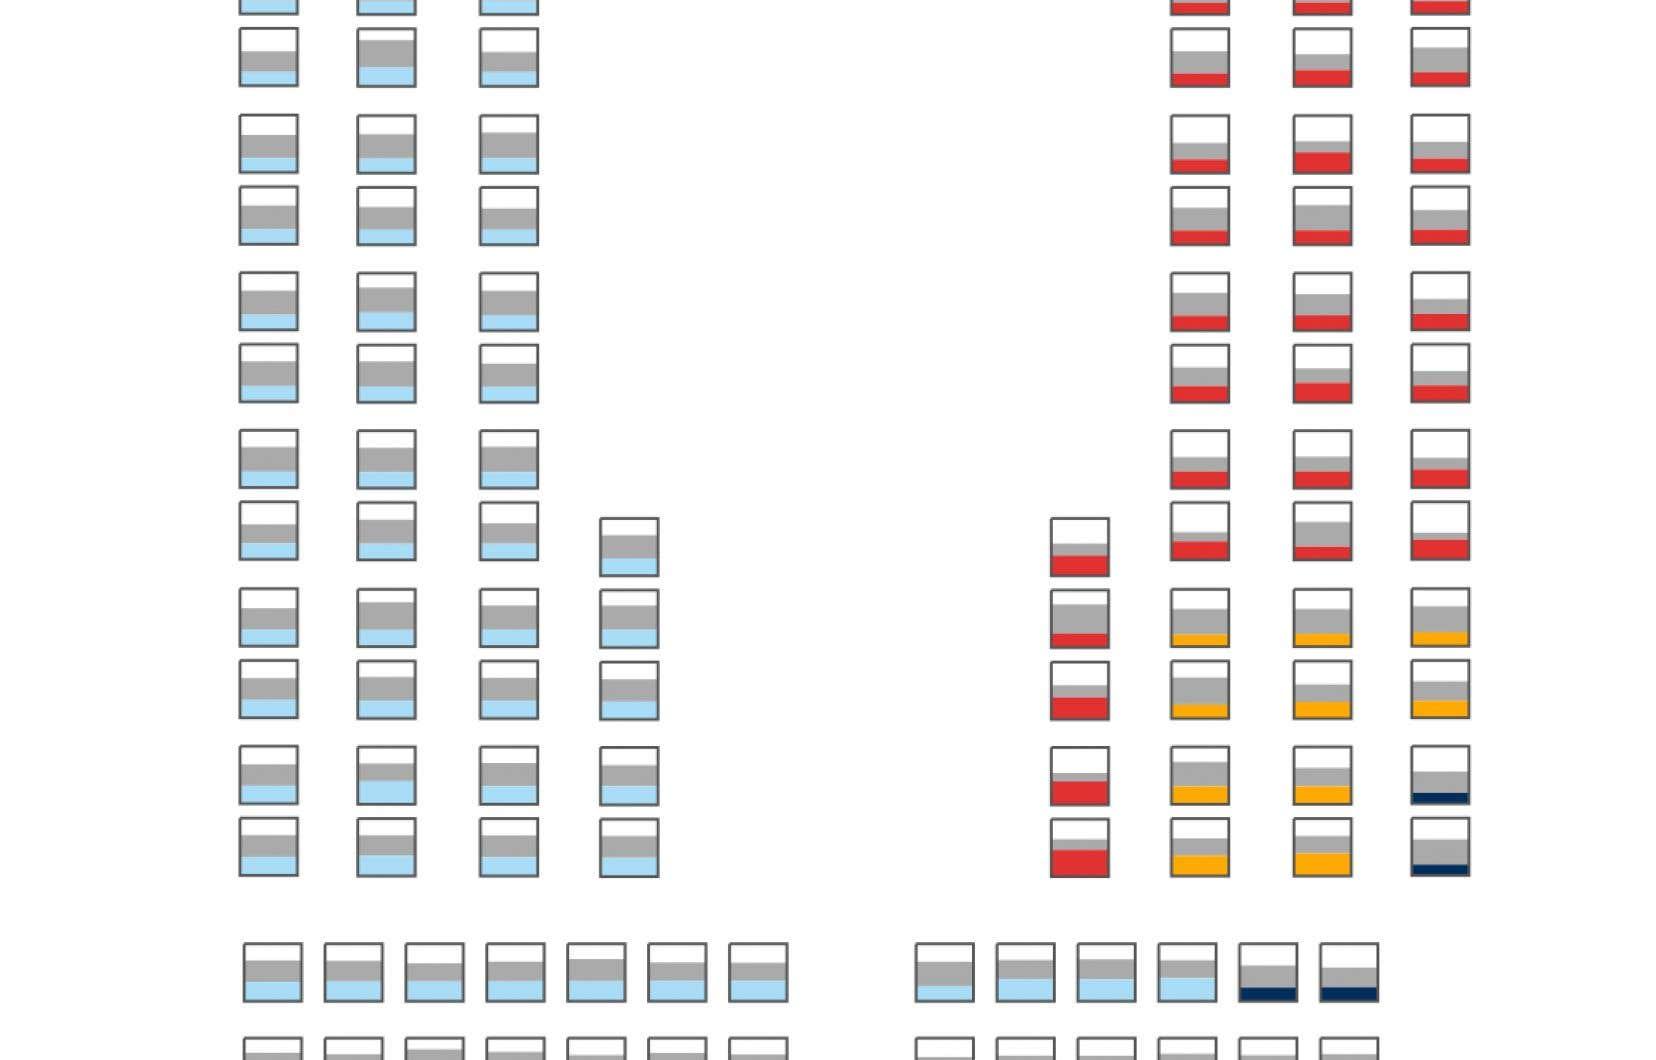 L'Assemblée nationale est composée de 125 députés élus.